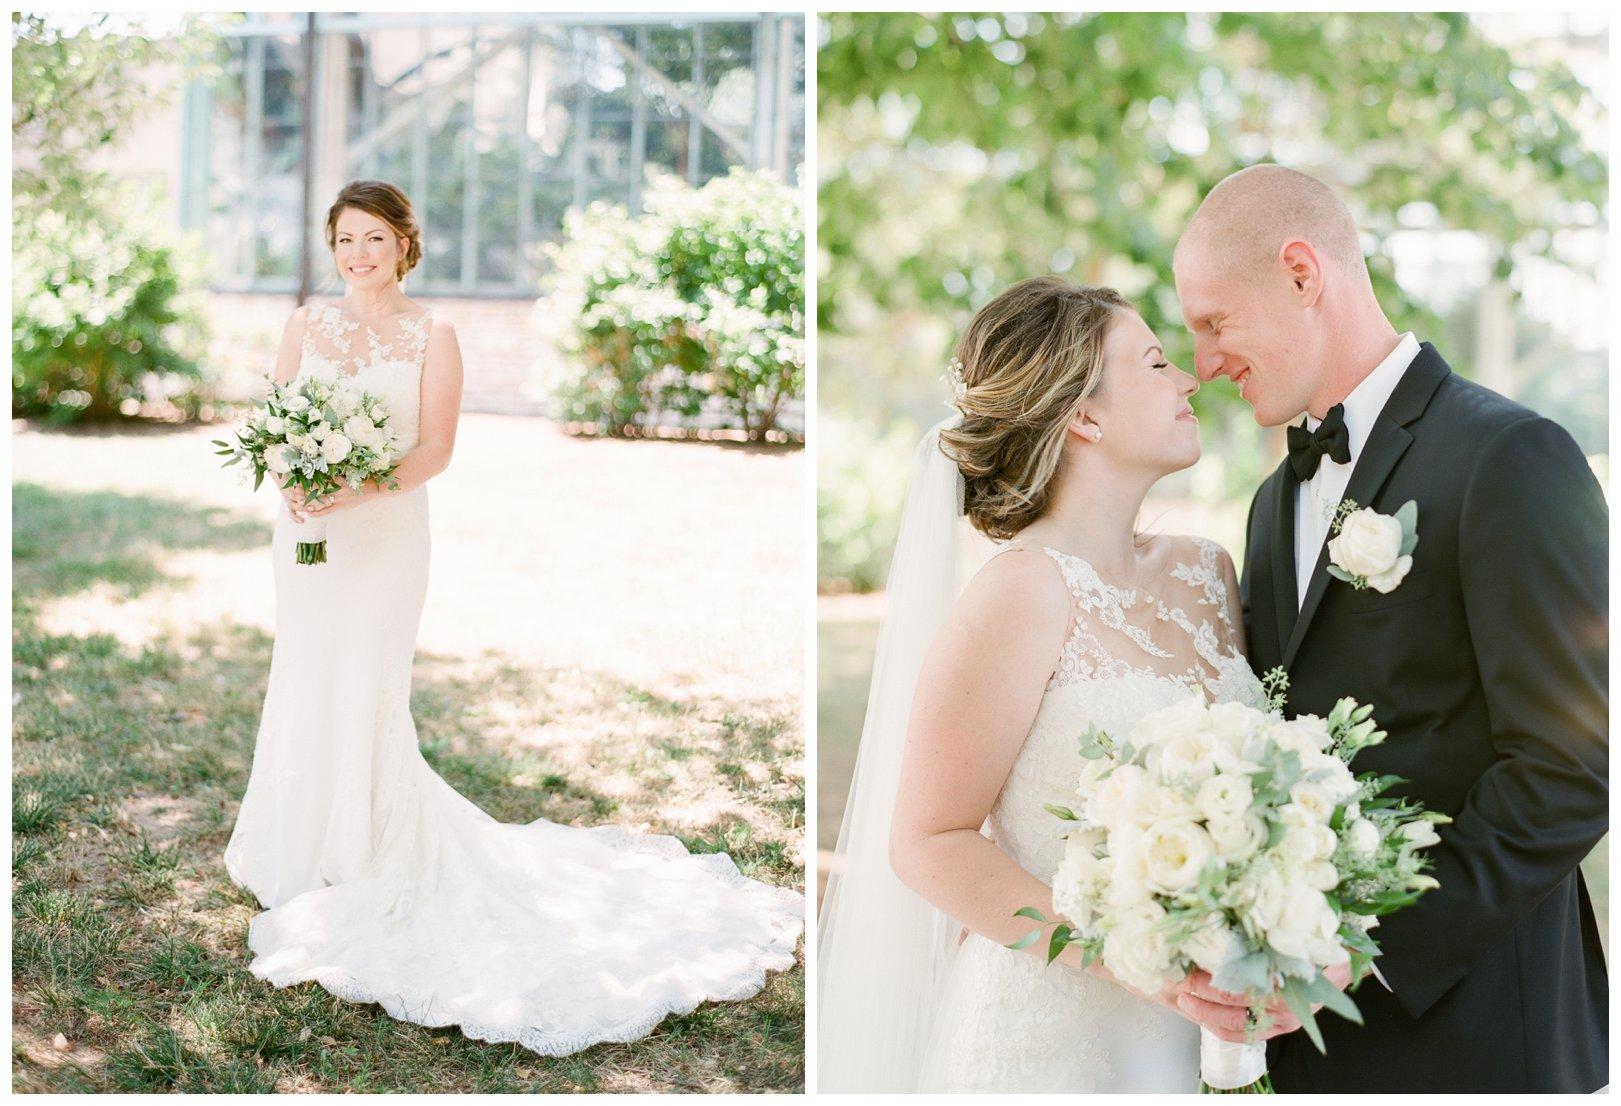 lauren muckler photography_fine art film wedding photography_st louis_photography_1311.jpg